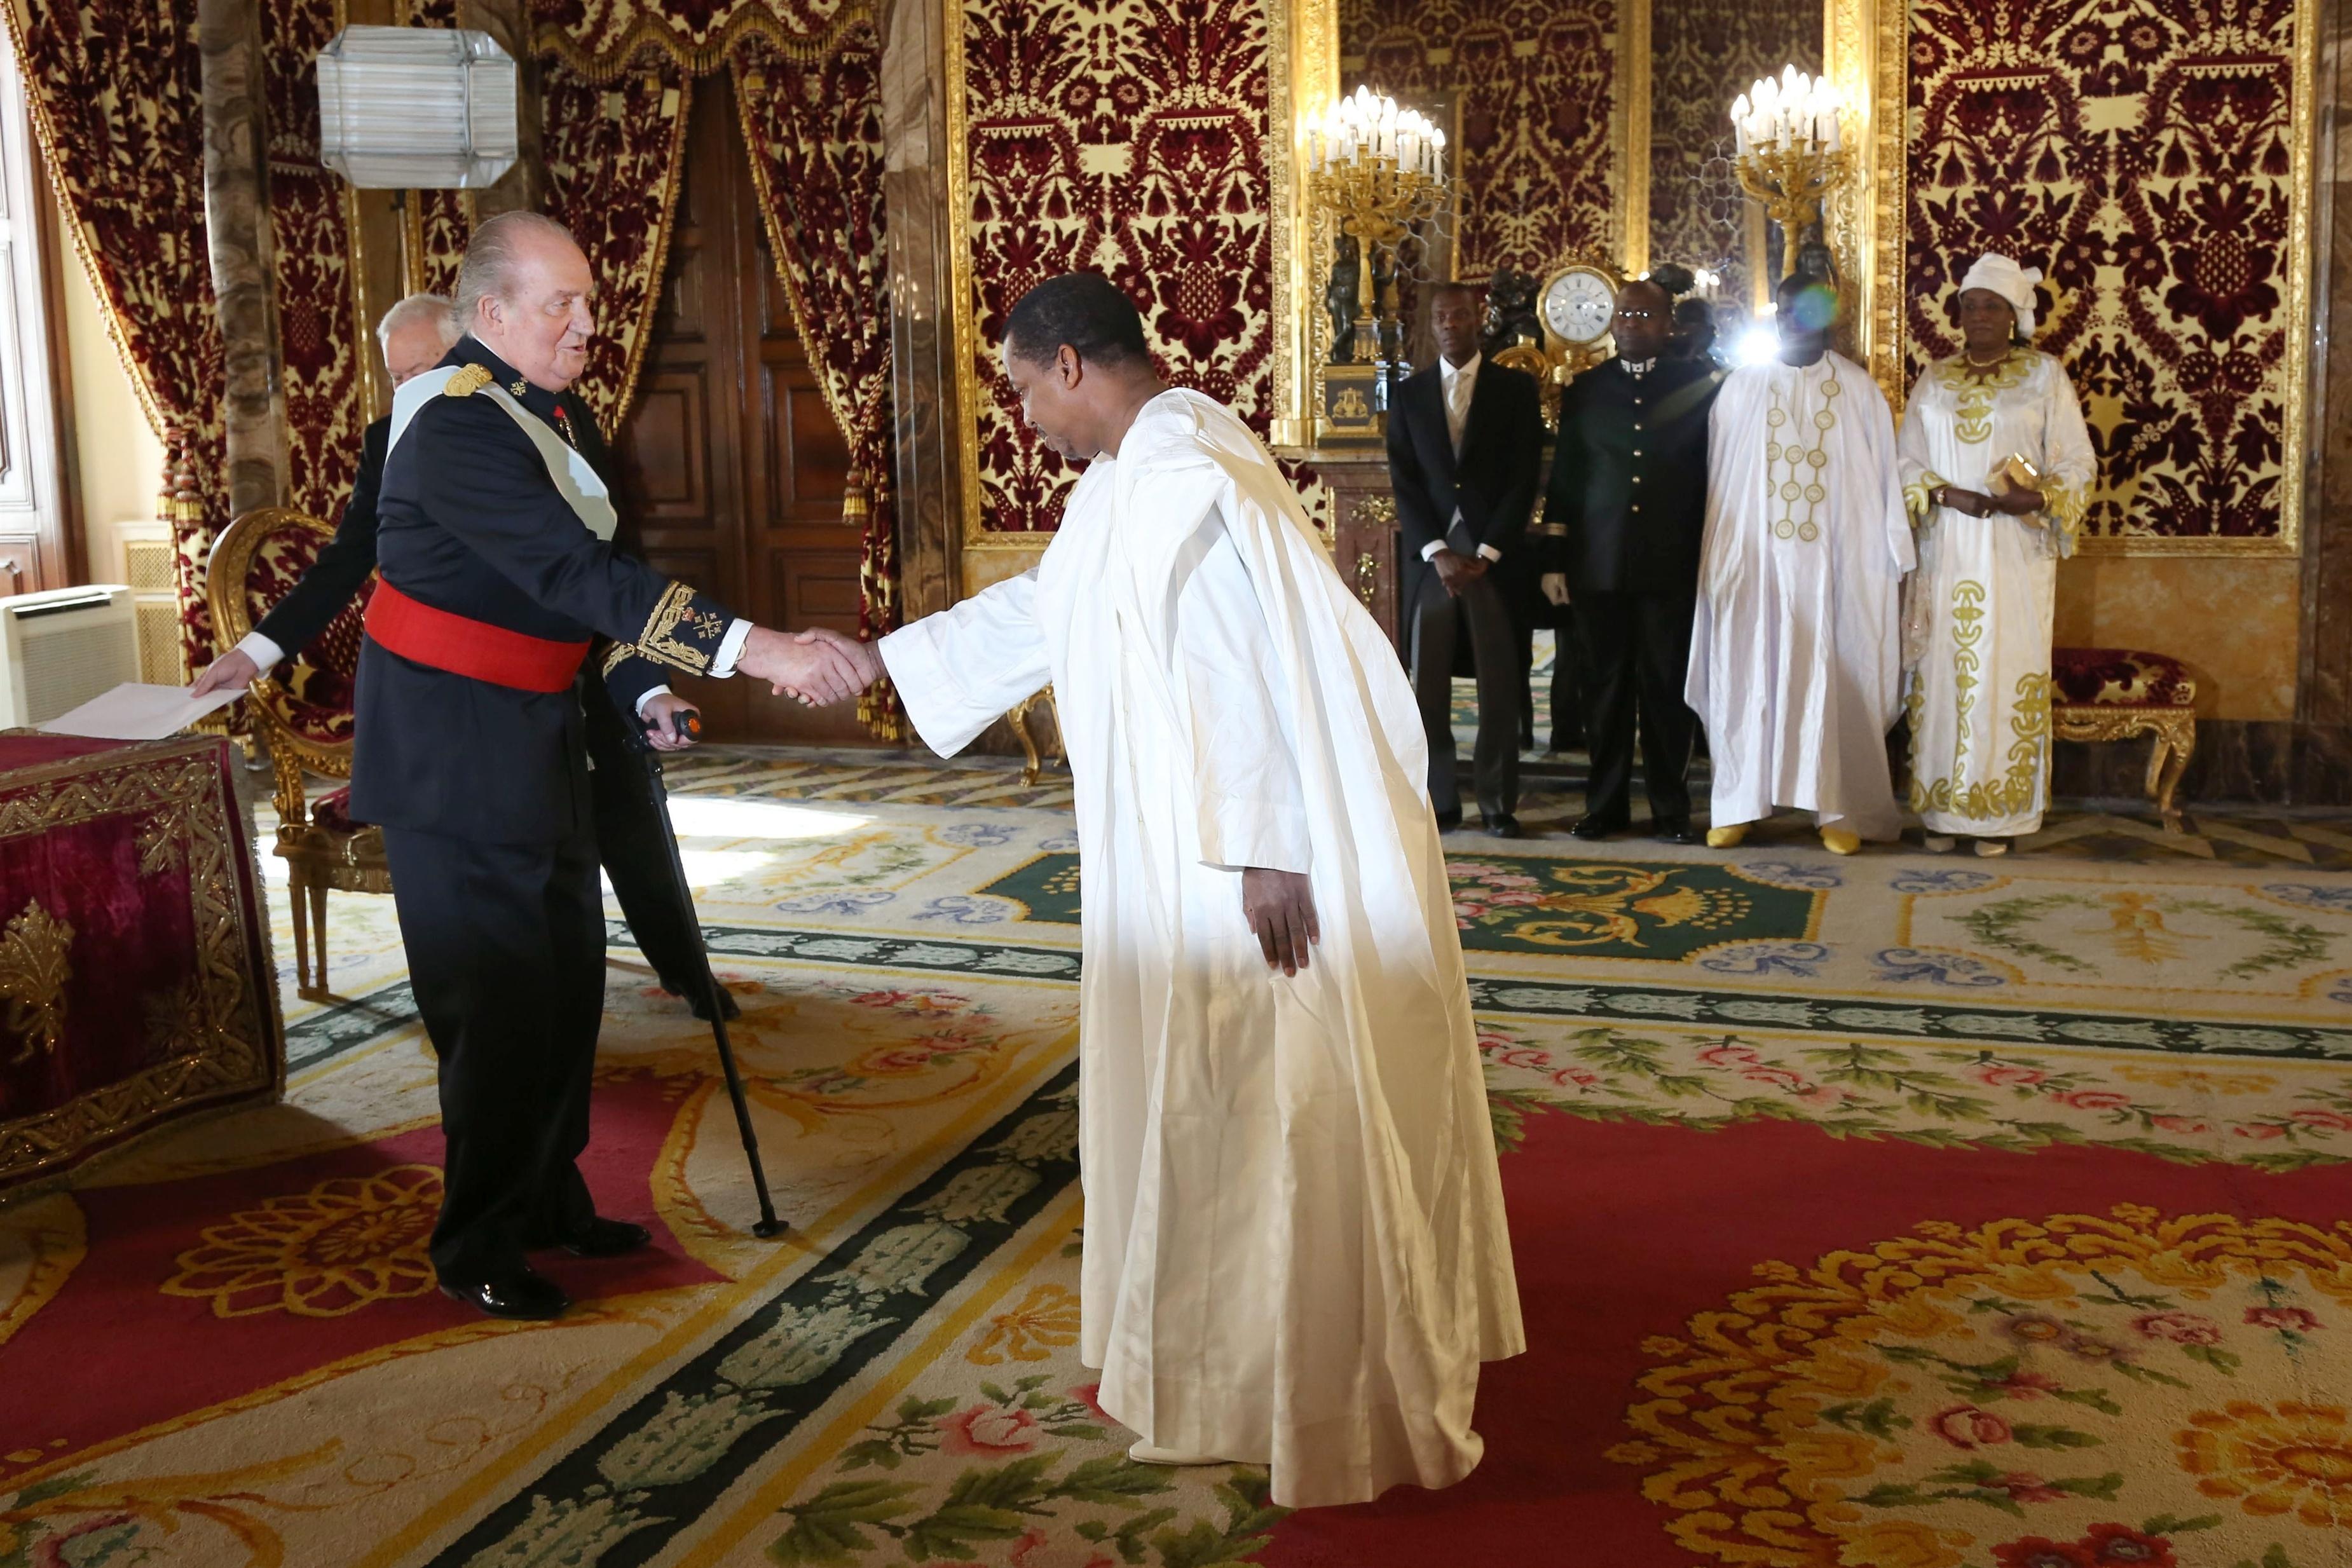 El Rey recibirá mañana las credenciales de 16 embajadores antes de ingresar por la tarde para ser operado